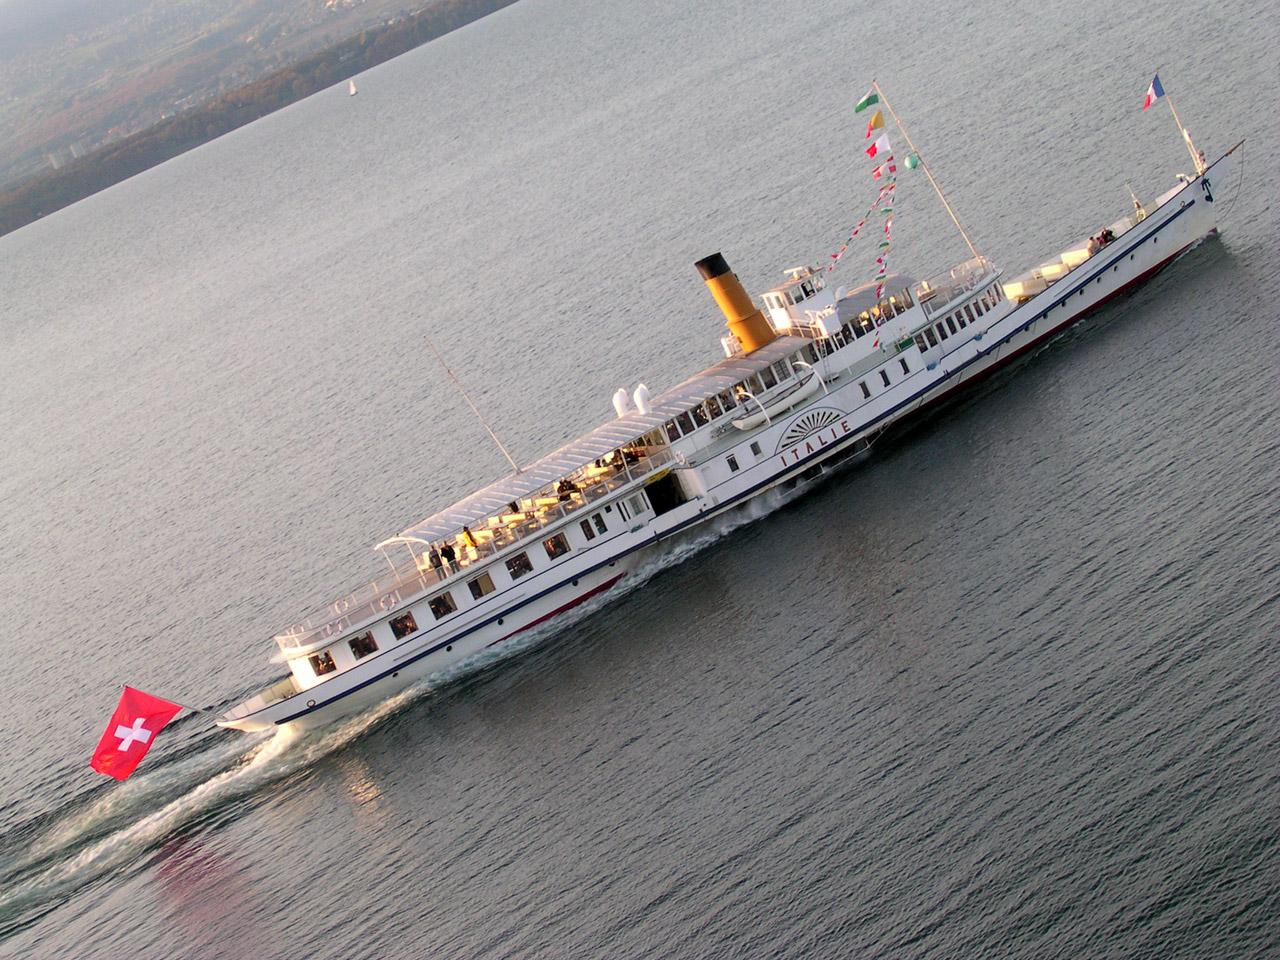 L'Italie, bateau à aubes de la CGN